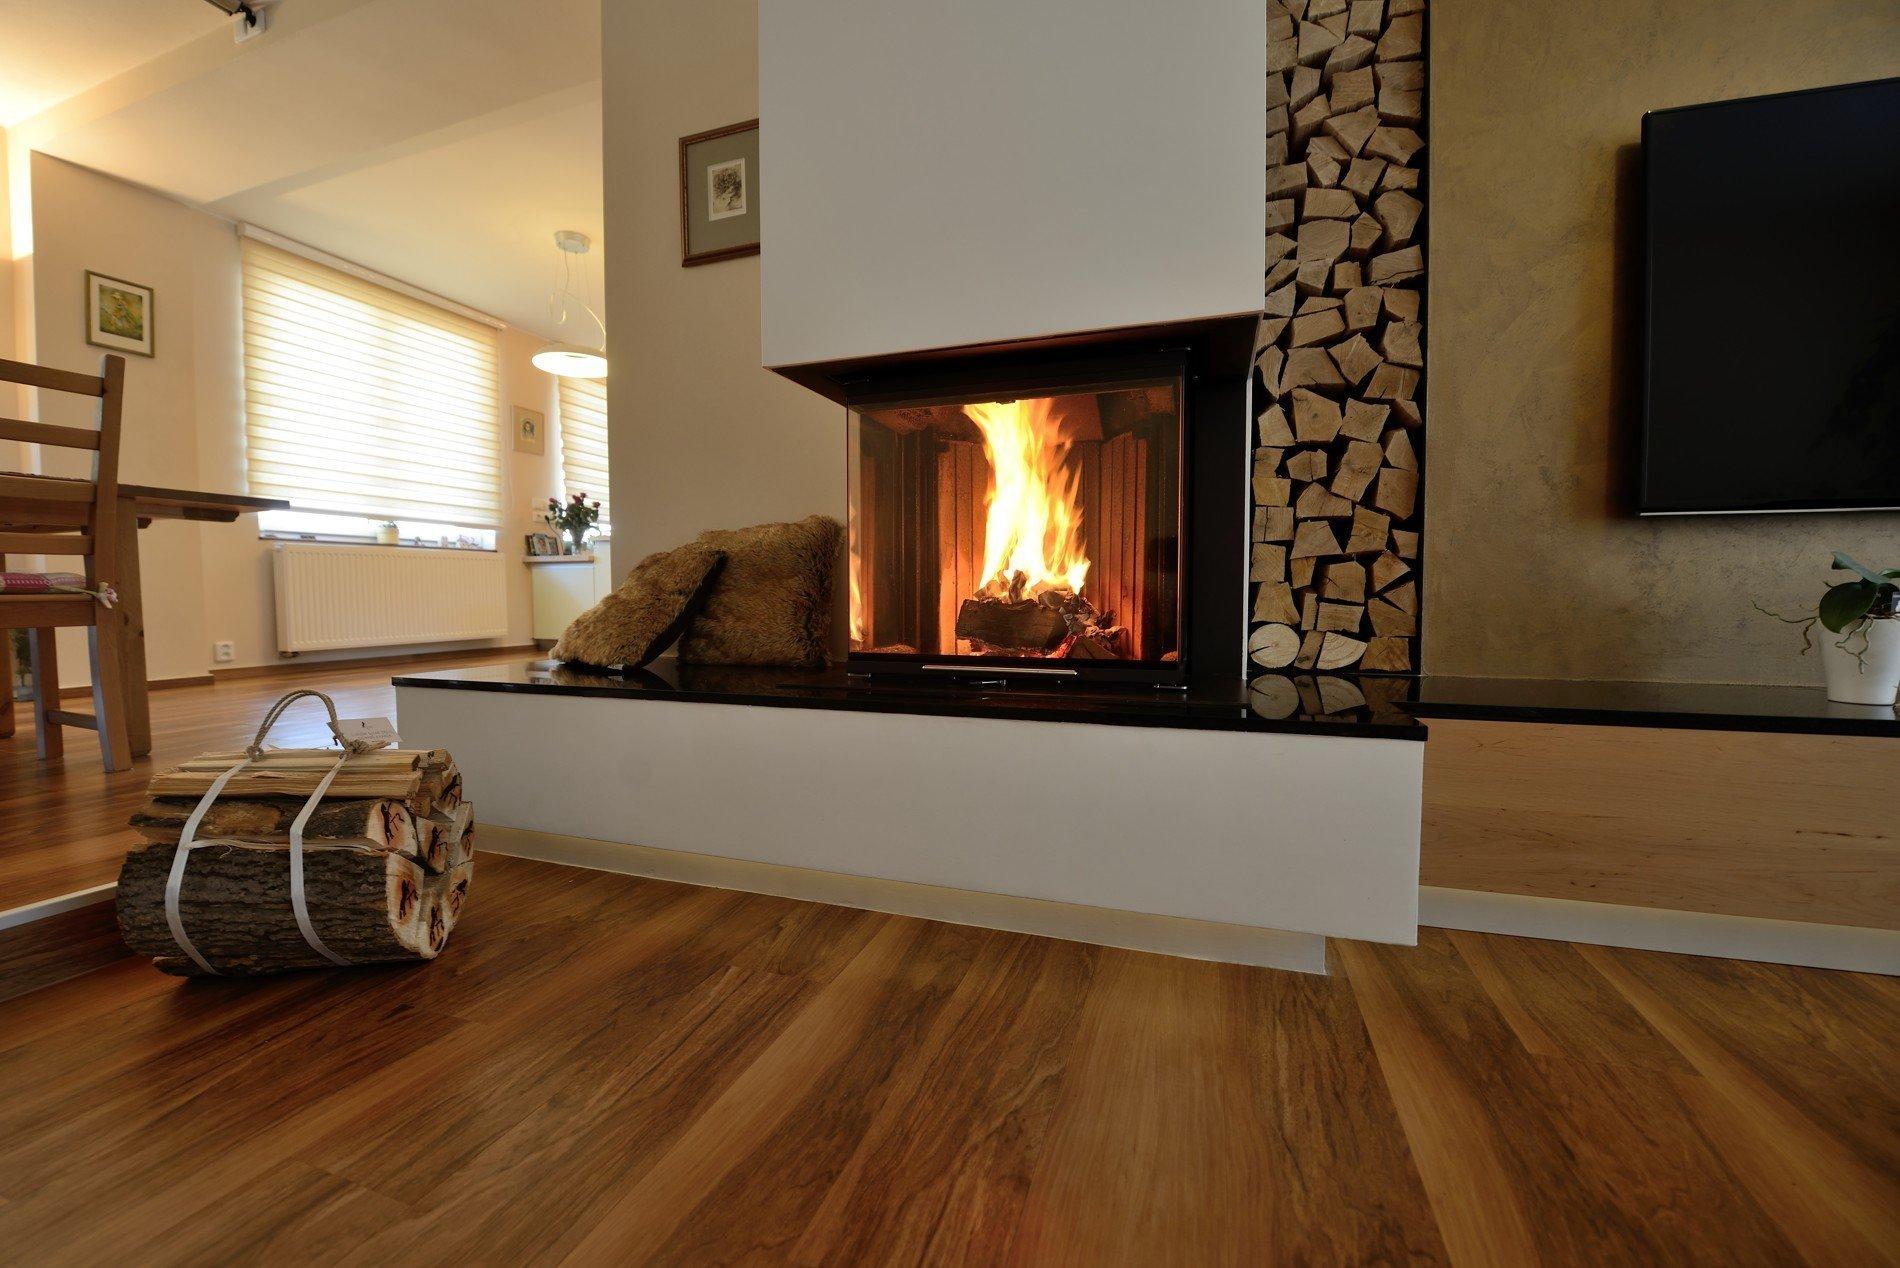 Výběr krbu pro nízkoenergetický dům se stává pastí pro mnoho nepoučených investorů - zájemců o krásný oheň v obývacím pokoji. Tápou v popisu výrobců, kteří se předhánějí v superlativech a fantaskních konstrukčních přístupech. Dočtou se, že existuje krbová vložka s výkonem 2 kW, což by ale znamenalo, že v ní právě hoří dvě třísky...  Jak na to? Jak vybrat a nebýt obětí moderního marketingu? Může si obyvatel NED vůbec dovolit opravdu pěkné velké sklo a užívat si tak ohně v celé jeho kráse, aniž by se cítil jako v sauně?  To víte, že ano...